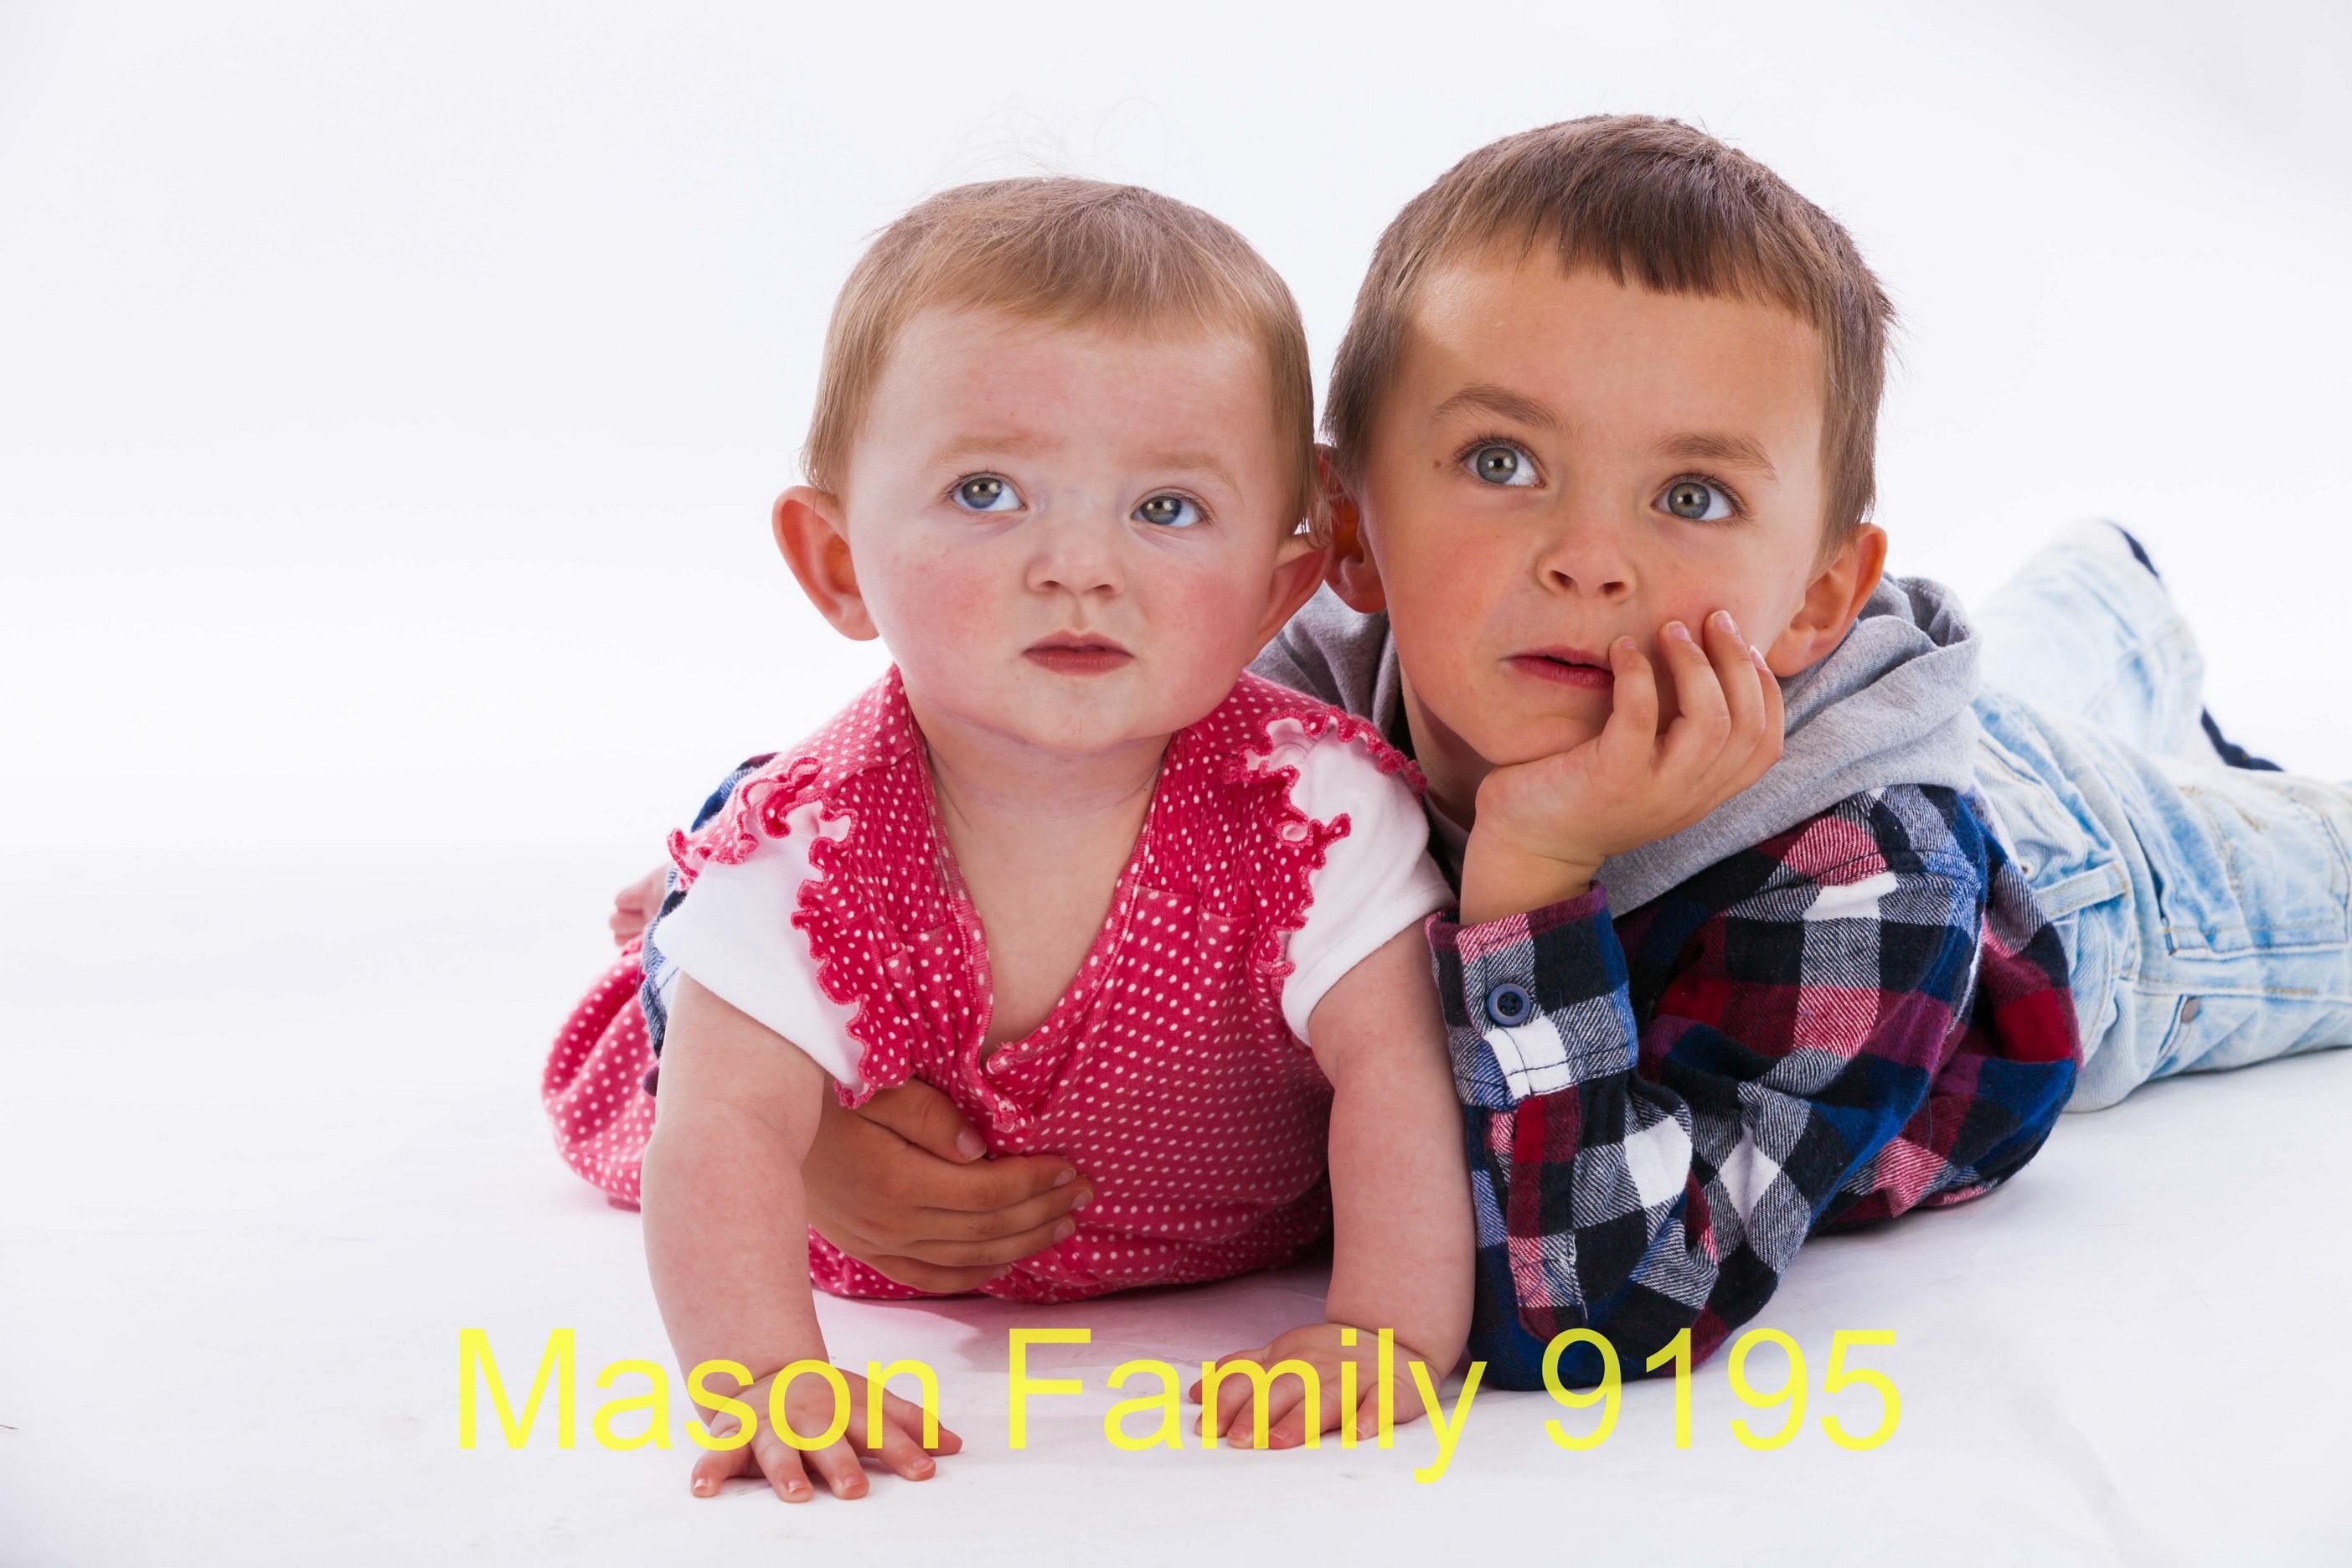 Mason Family 9195